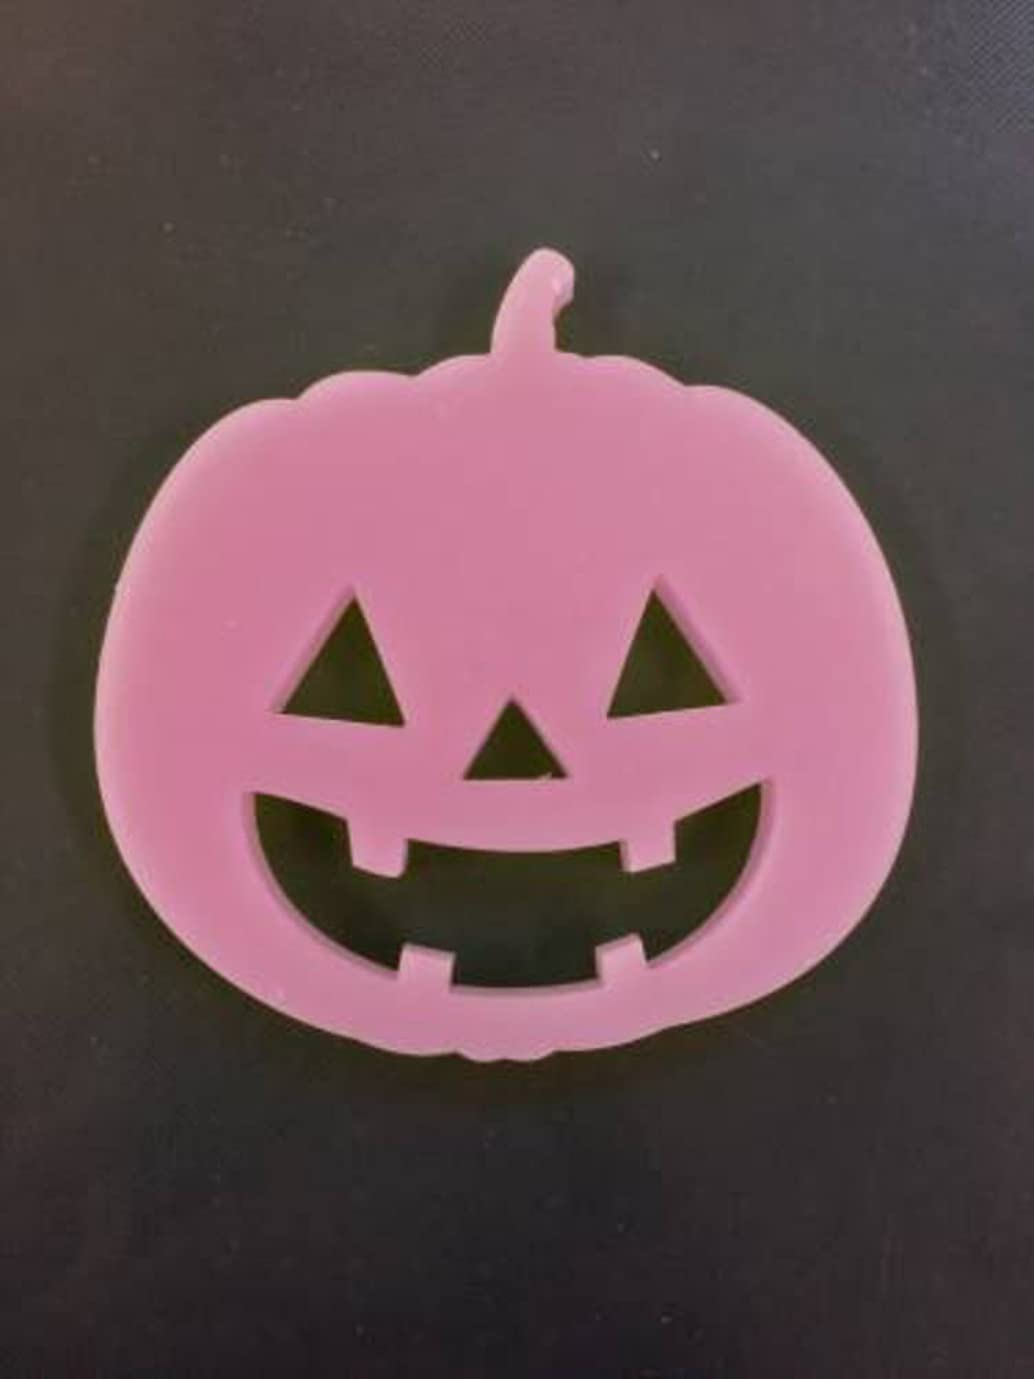 多様体グリル知覚するGRASSE TOKYO AROMATICWAXチャーム「ハロウィンかぼちゃ」(PI) ゼラニウム アロマティックワックス グラーストウキョウ